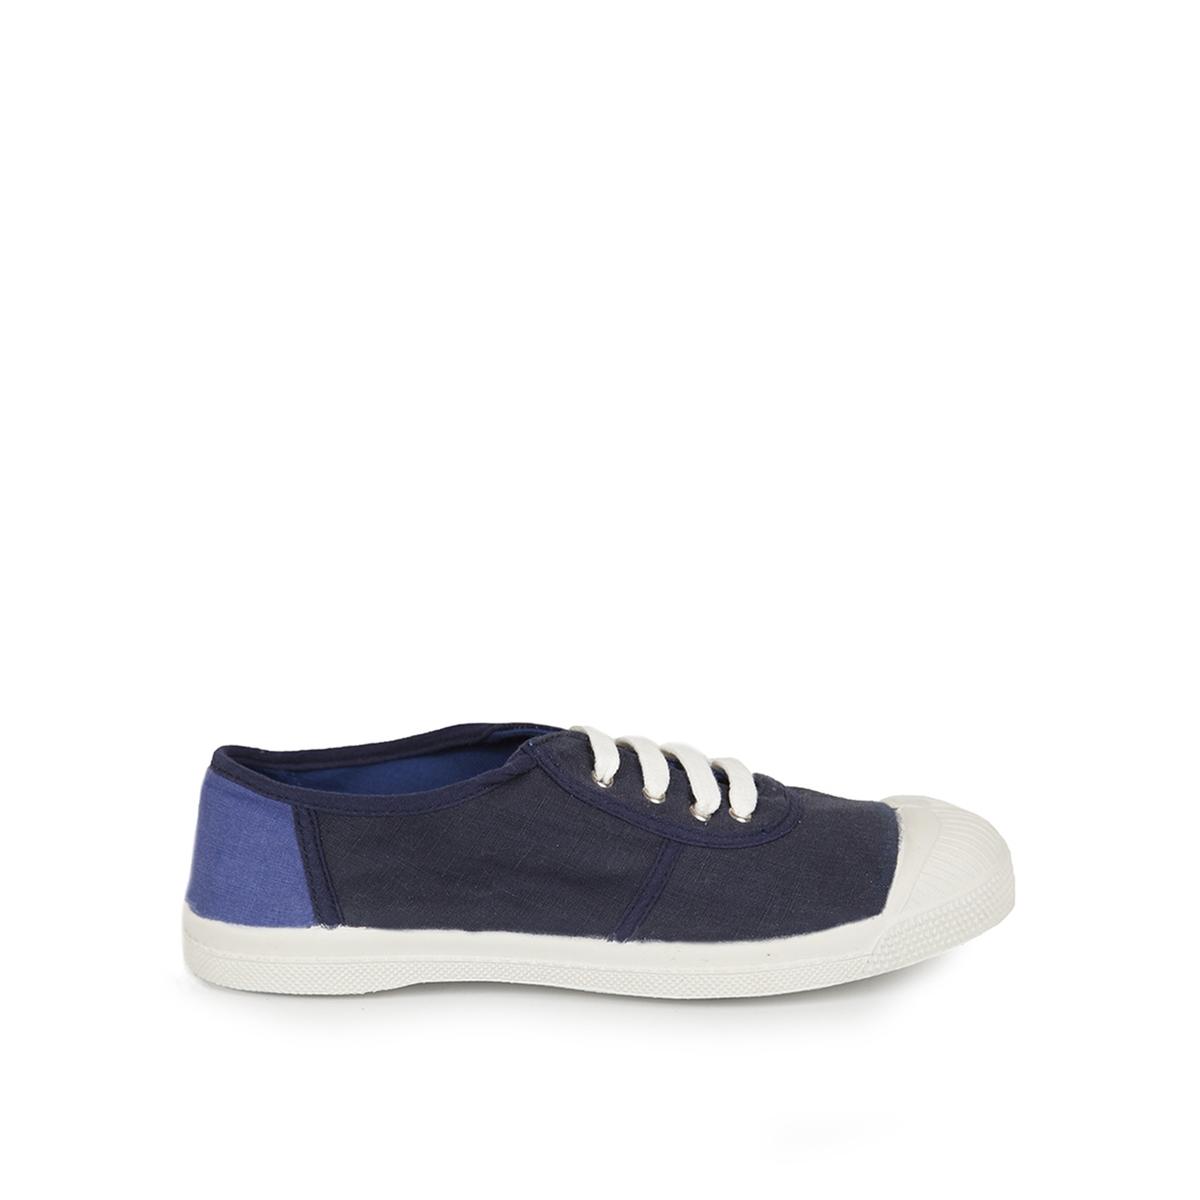 Zapatillas bicolor con cordones